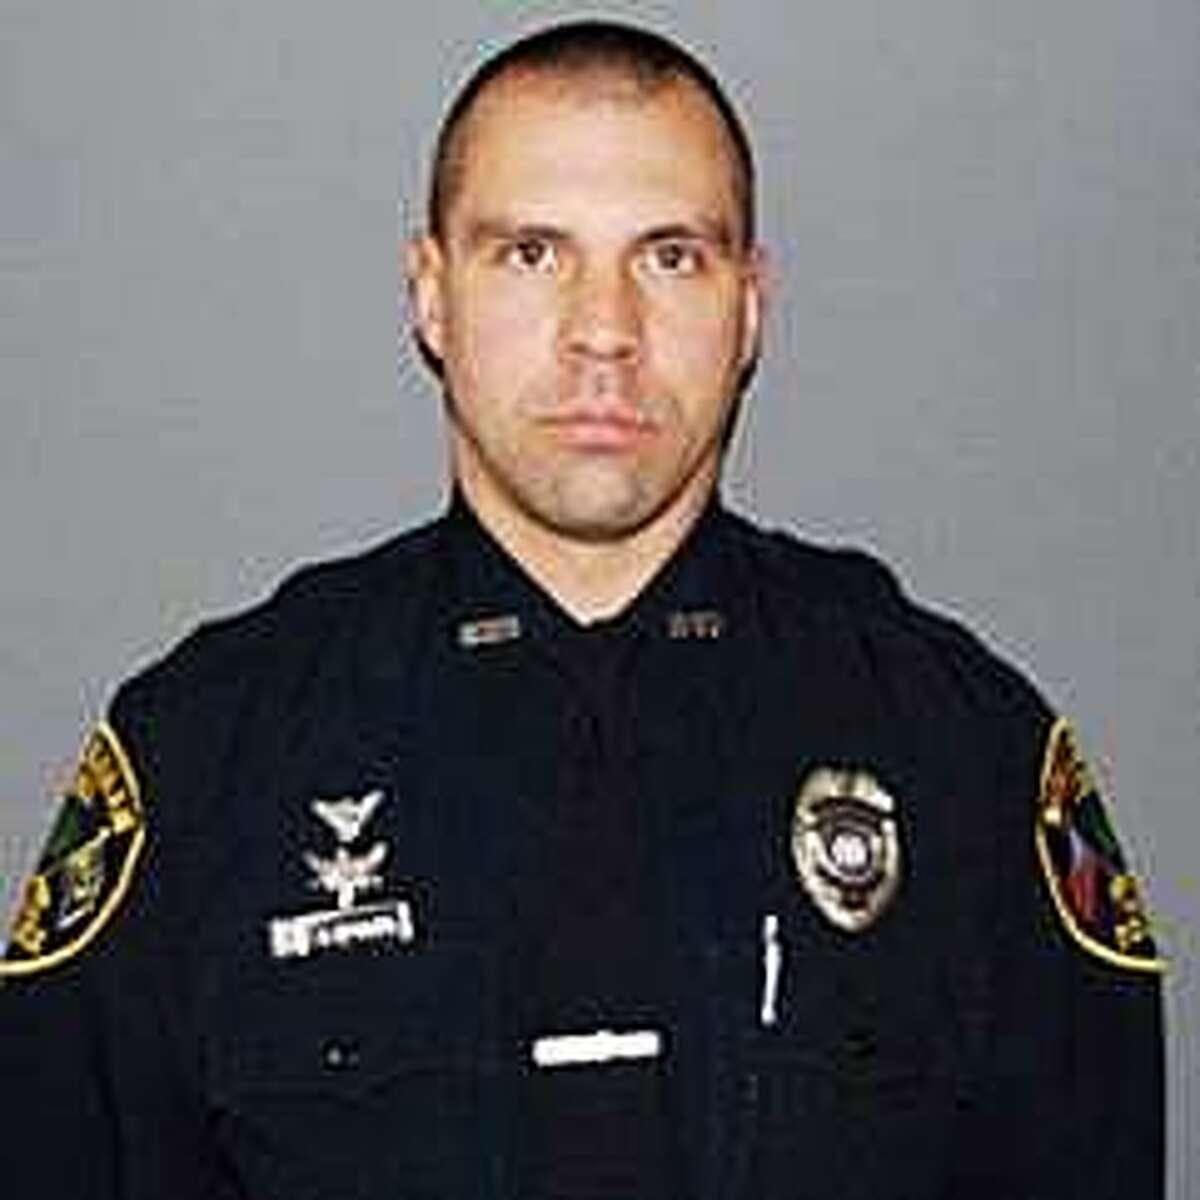 New Canaan police Sgt. Aaron LaTourette